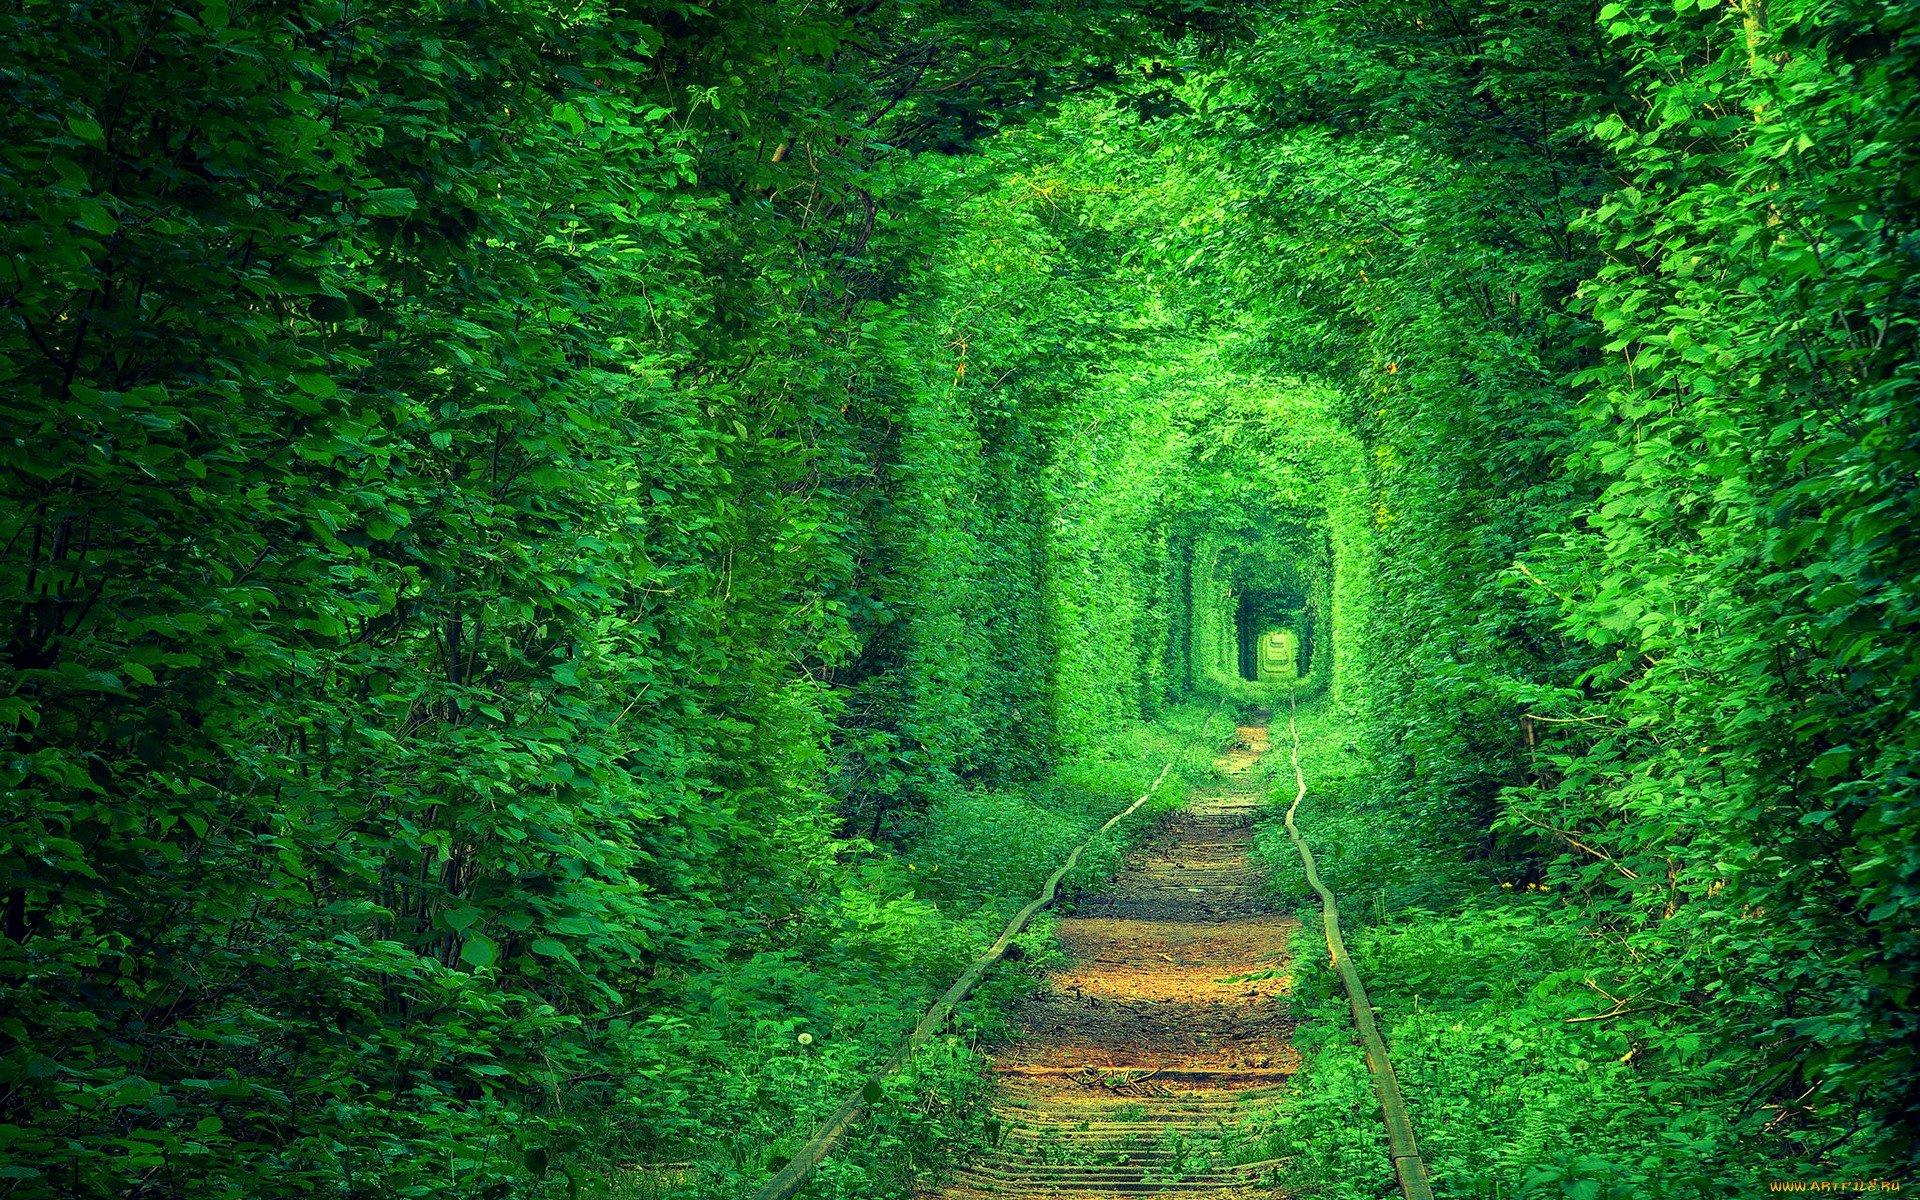 Tunnel Green Rails Road Garden Wallpaper | 1920x1200 | 442254 | WallpaperUP